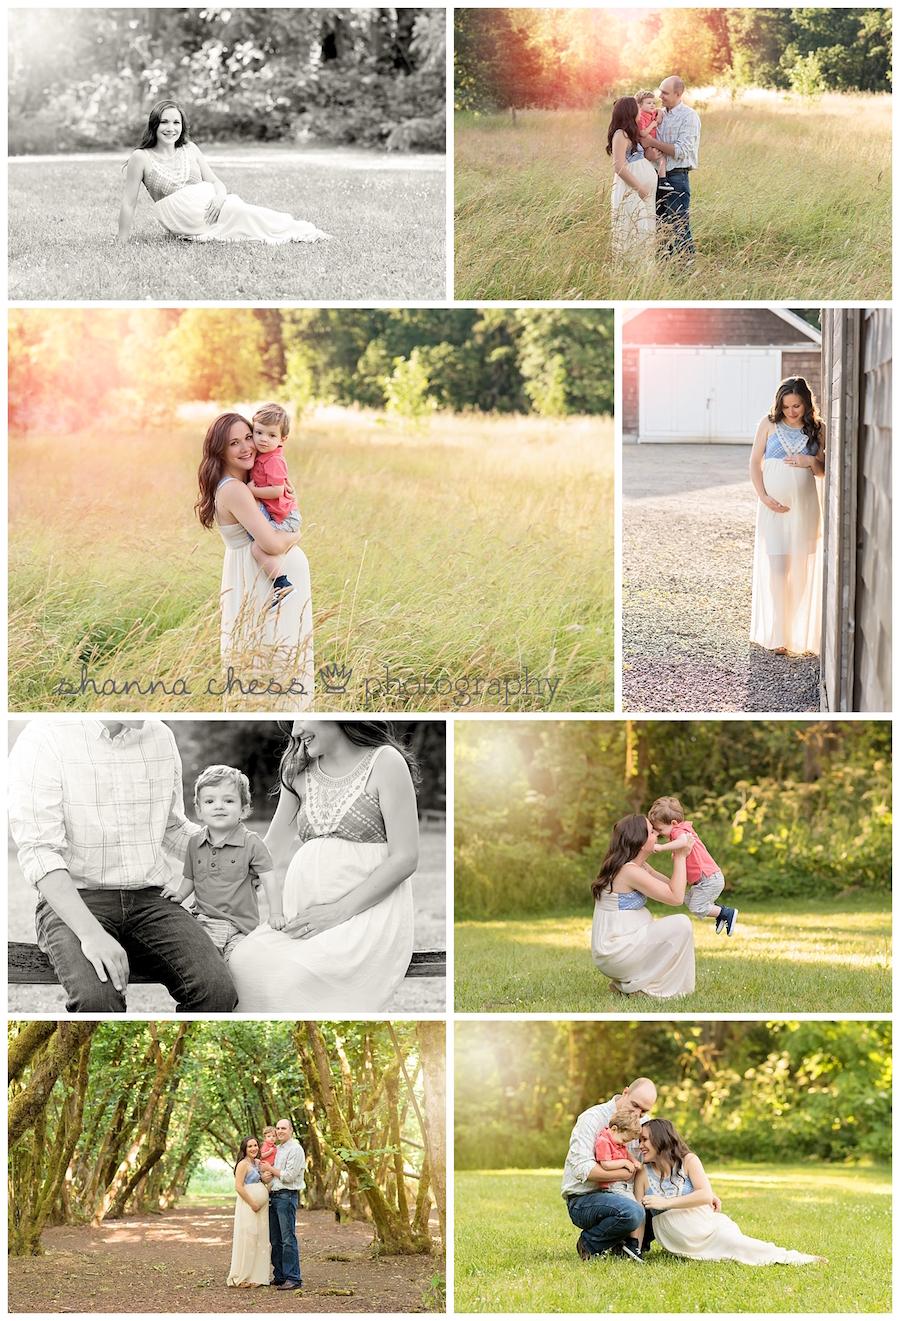 eugene oregon maternity photography family